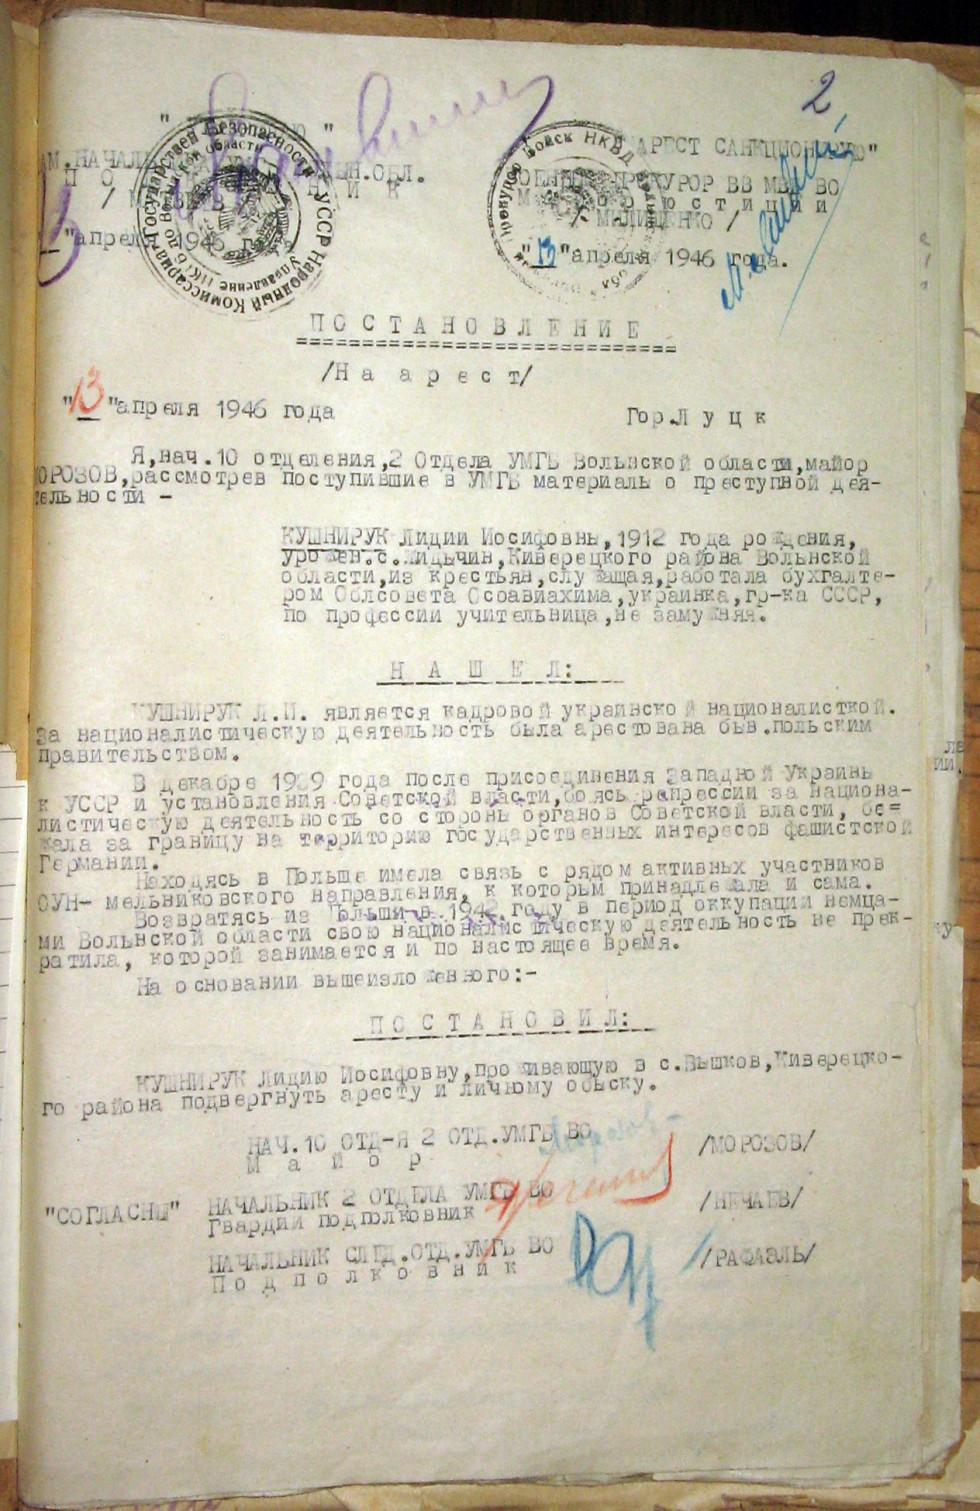 Постанова на арешт Лідії Кушнірук